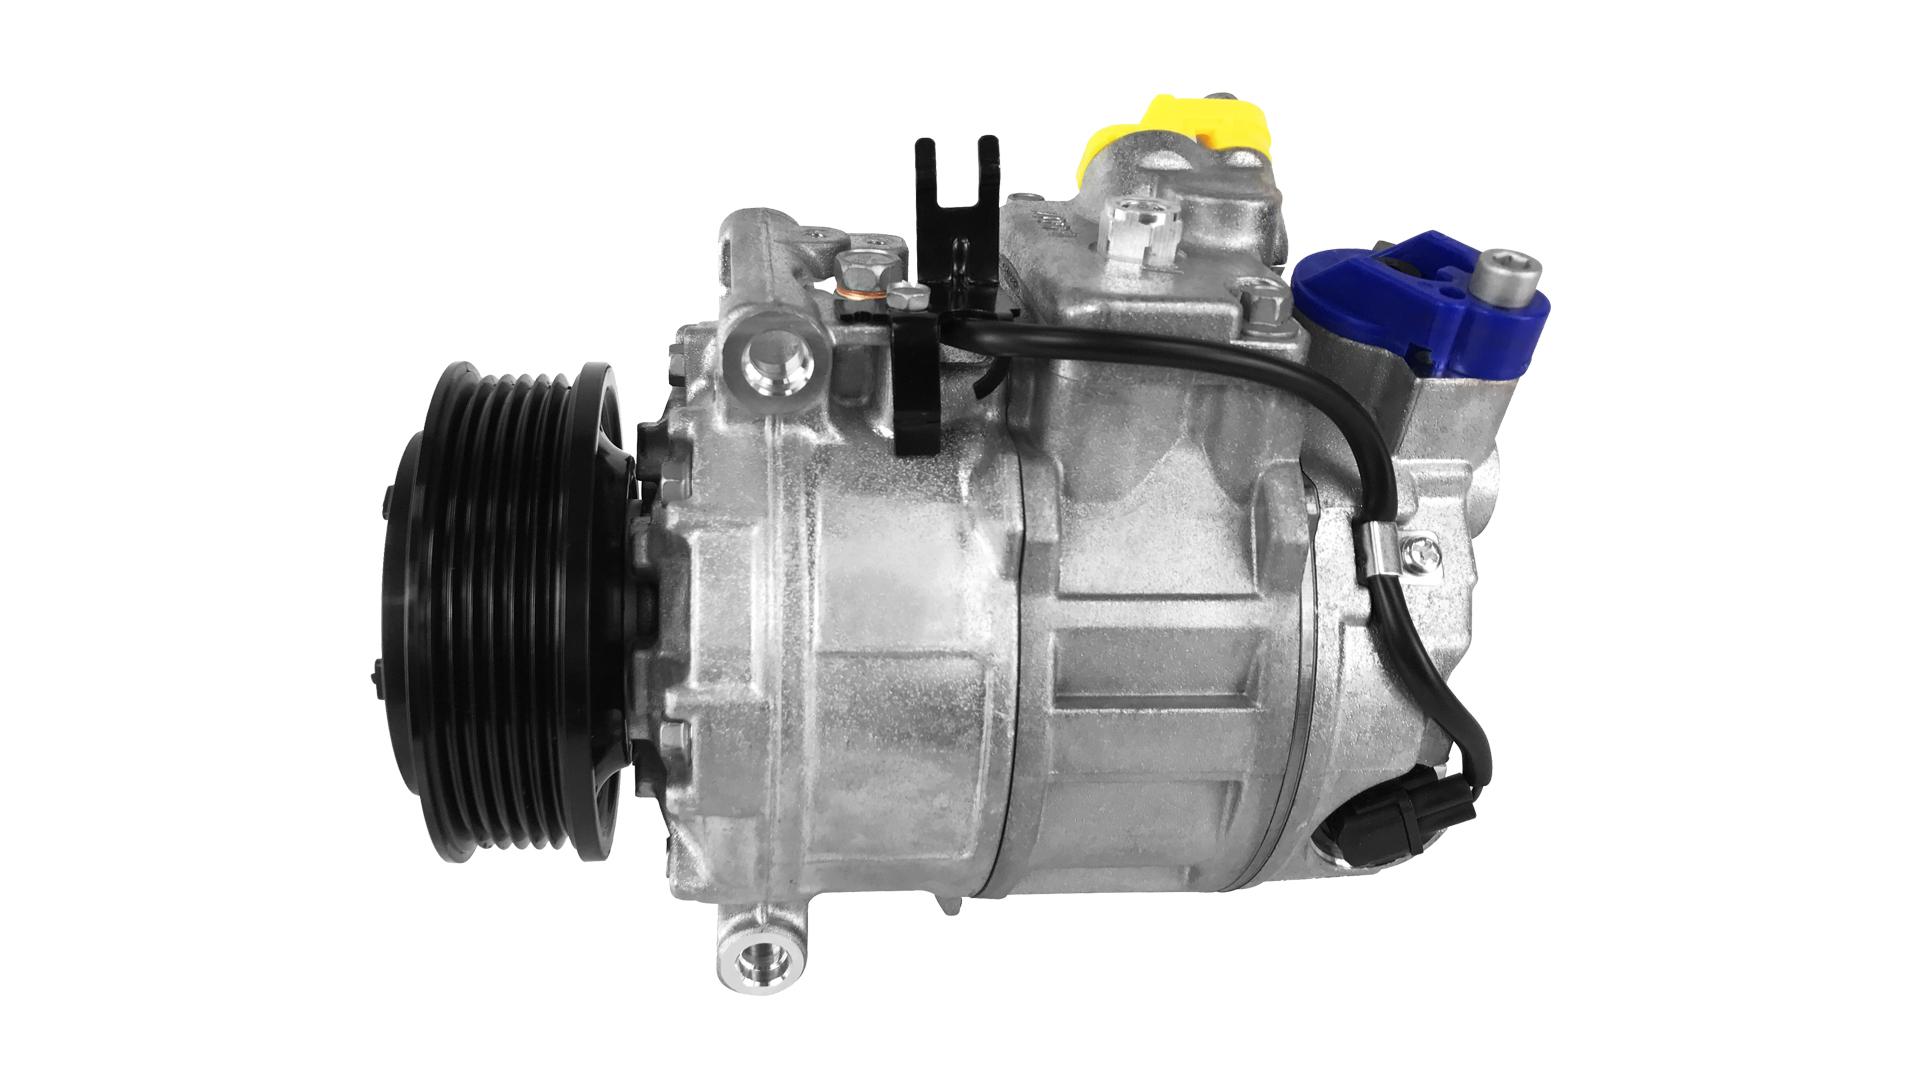 E0820803 / 7E0820803F аўтамабільны кампрэсар кандыцыянера для VW AMAROK DIESEL